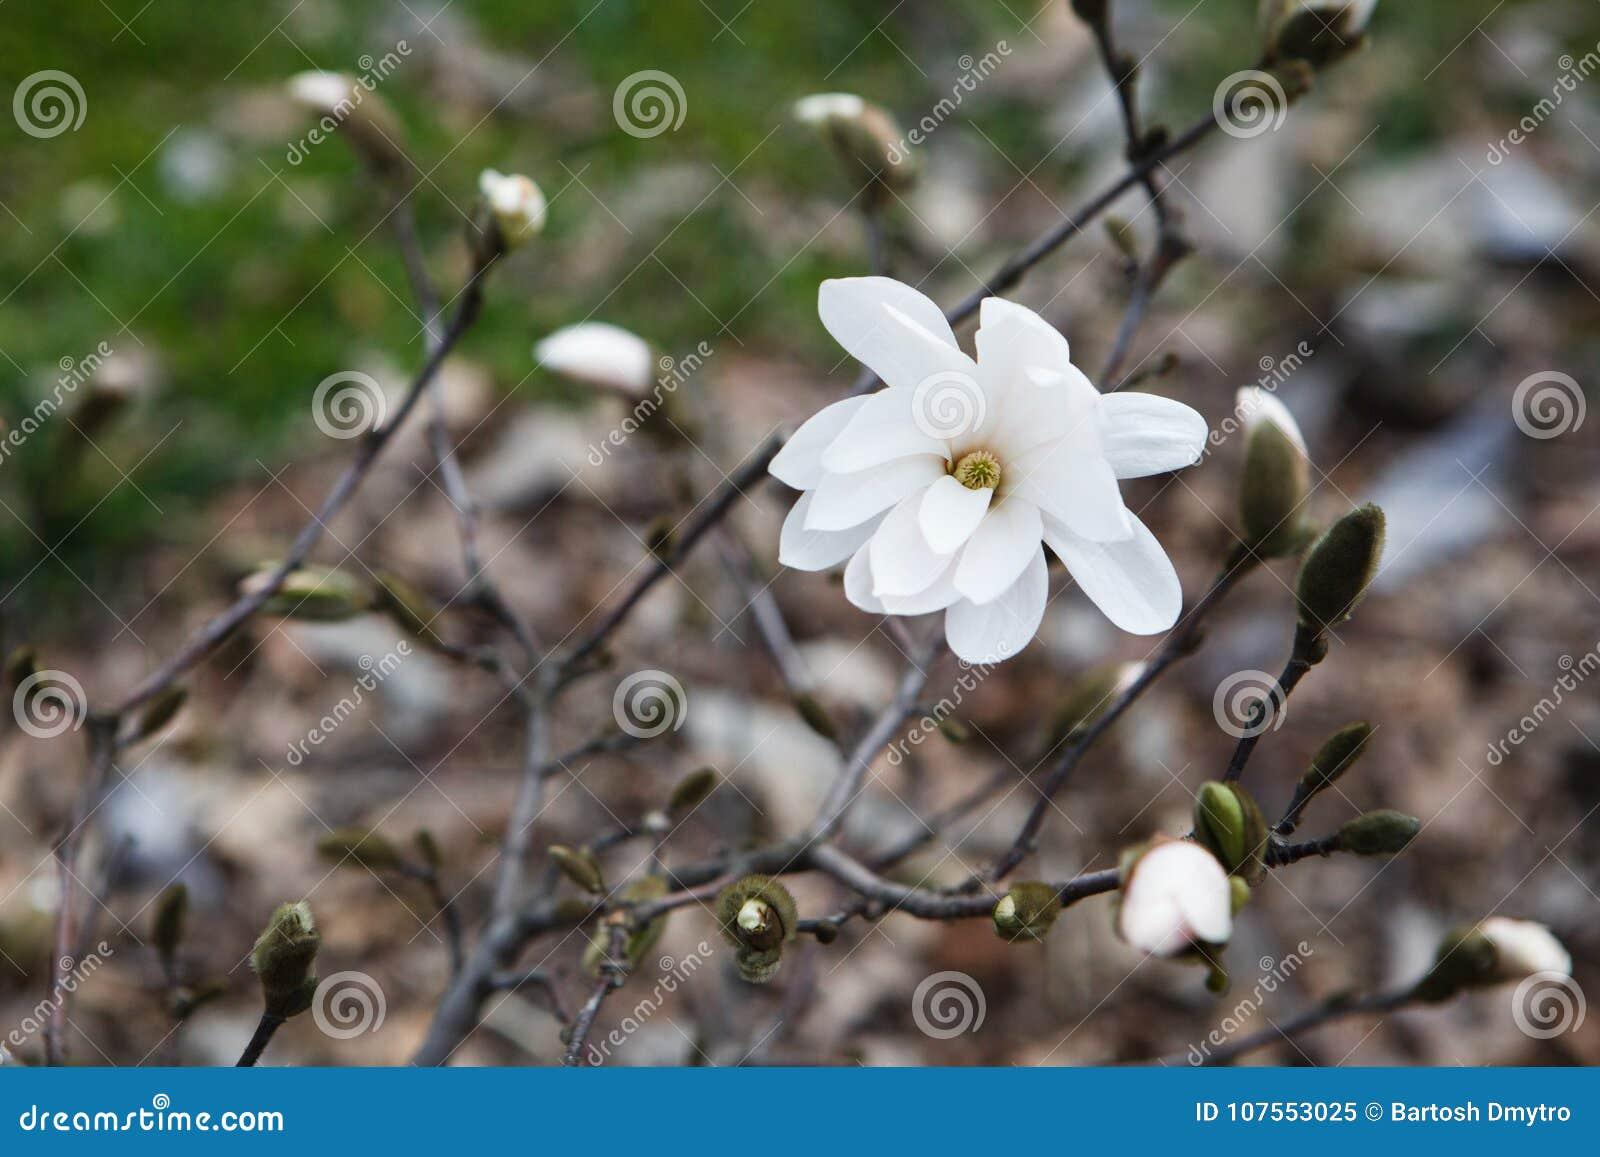 Natura stupefacente della magnolia bianca nell ambito di luce solare al mezzo del giorno della primavera o di estate